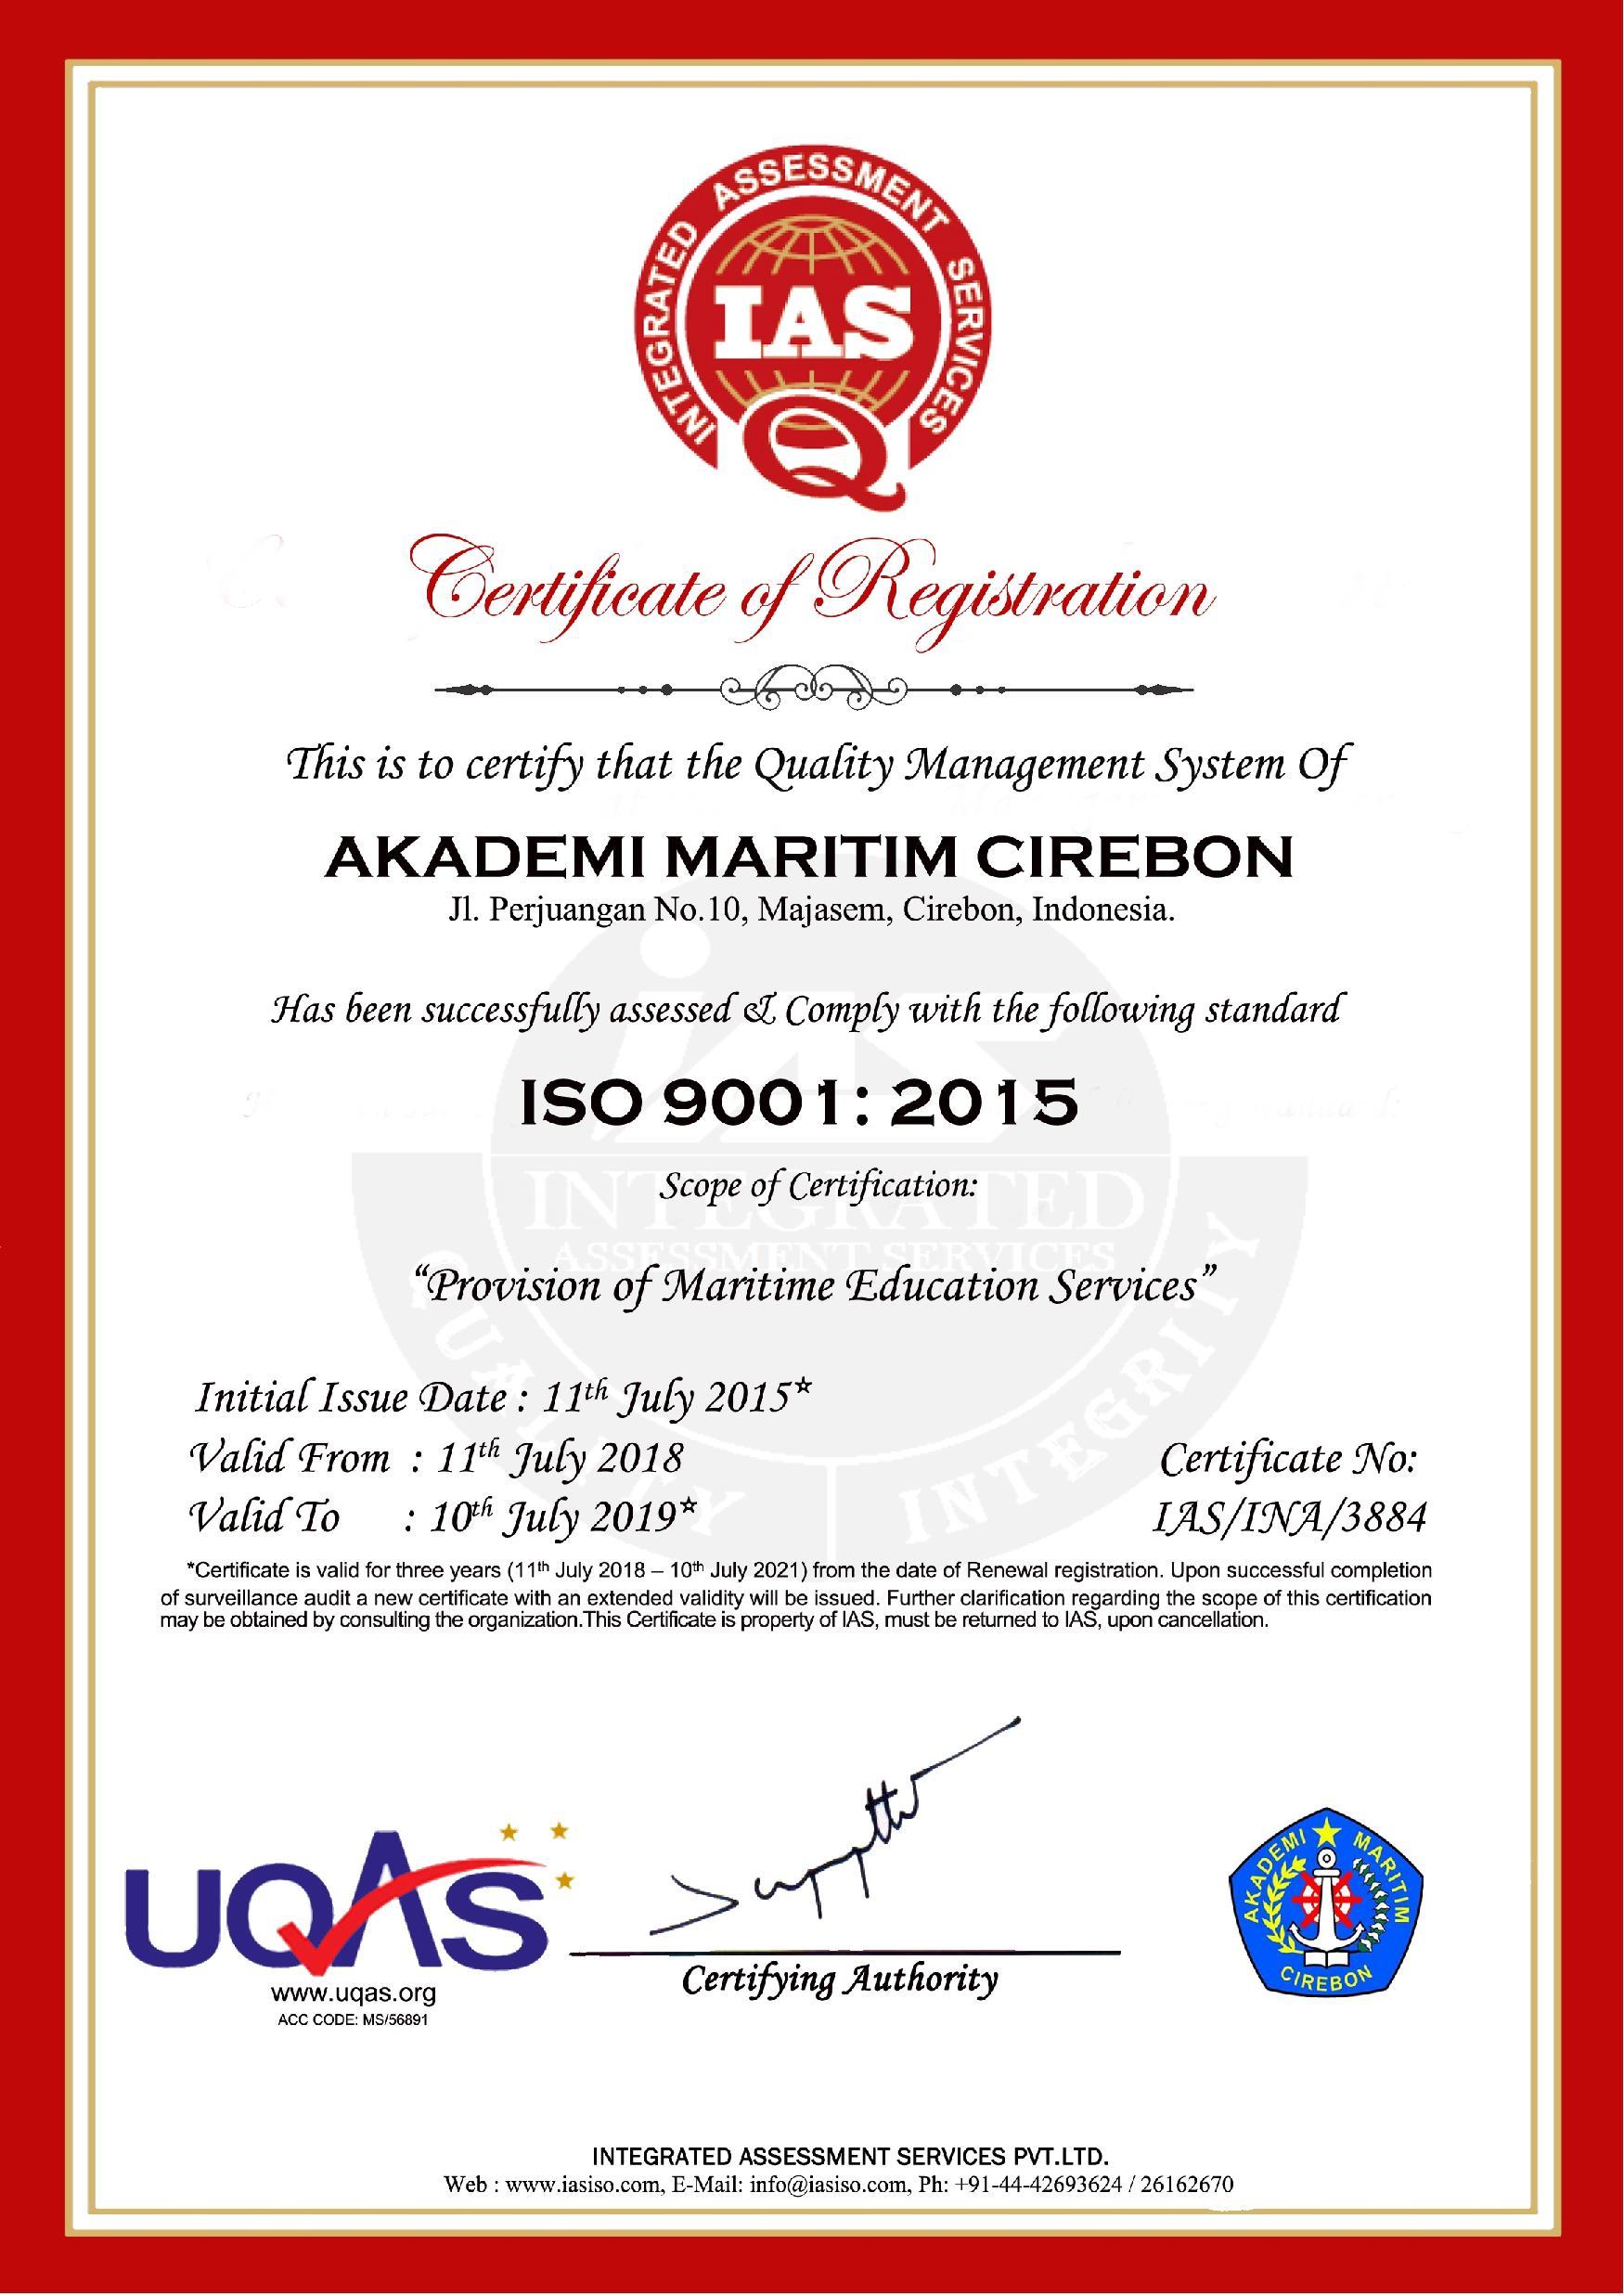 RENEWAL SERTIFIKASI ISO 9001:2008 KE ISO 9001:2015